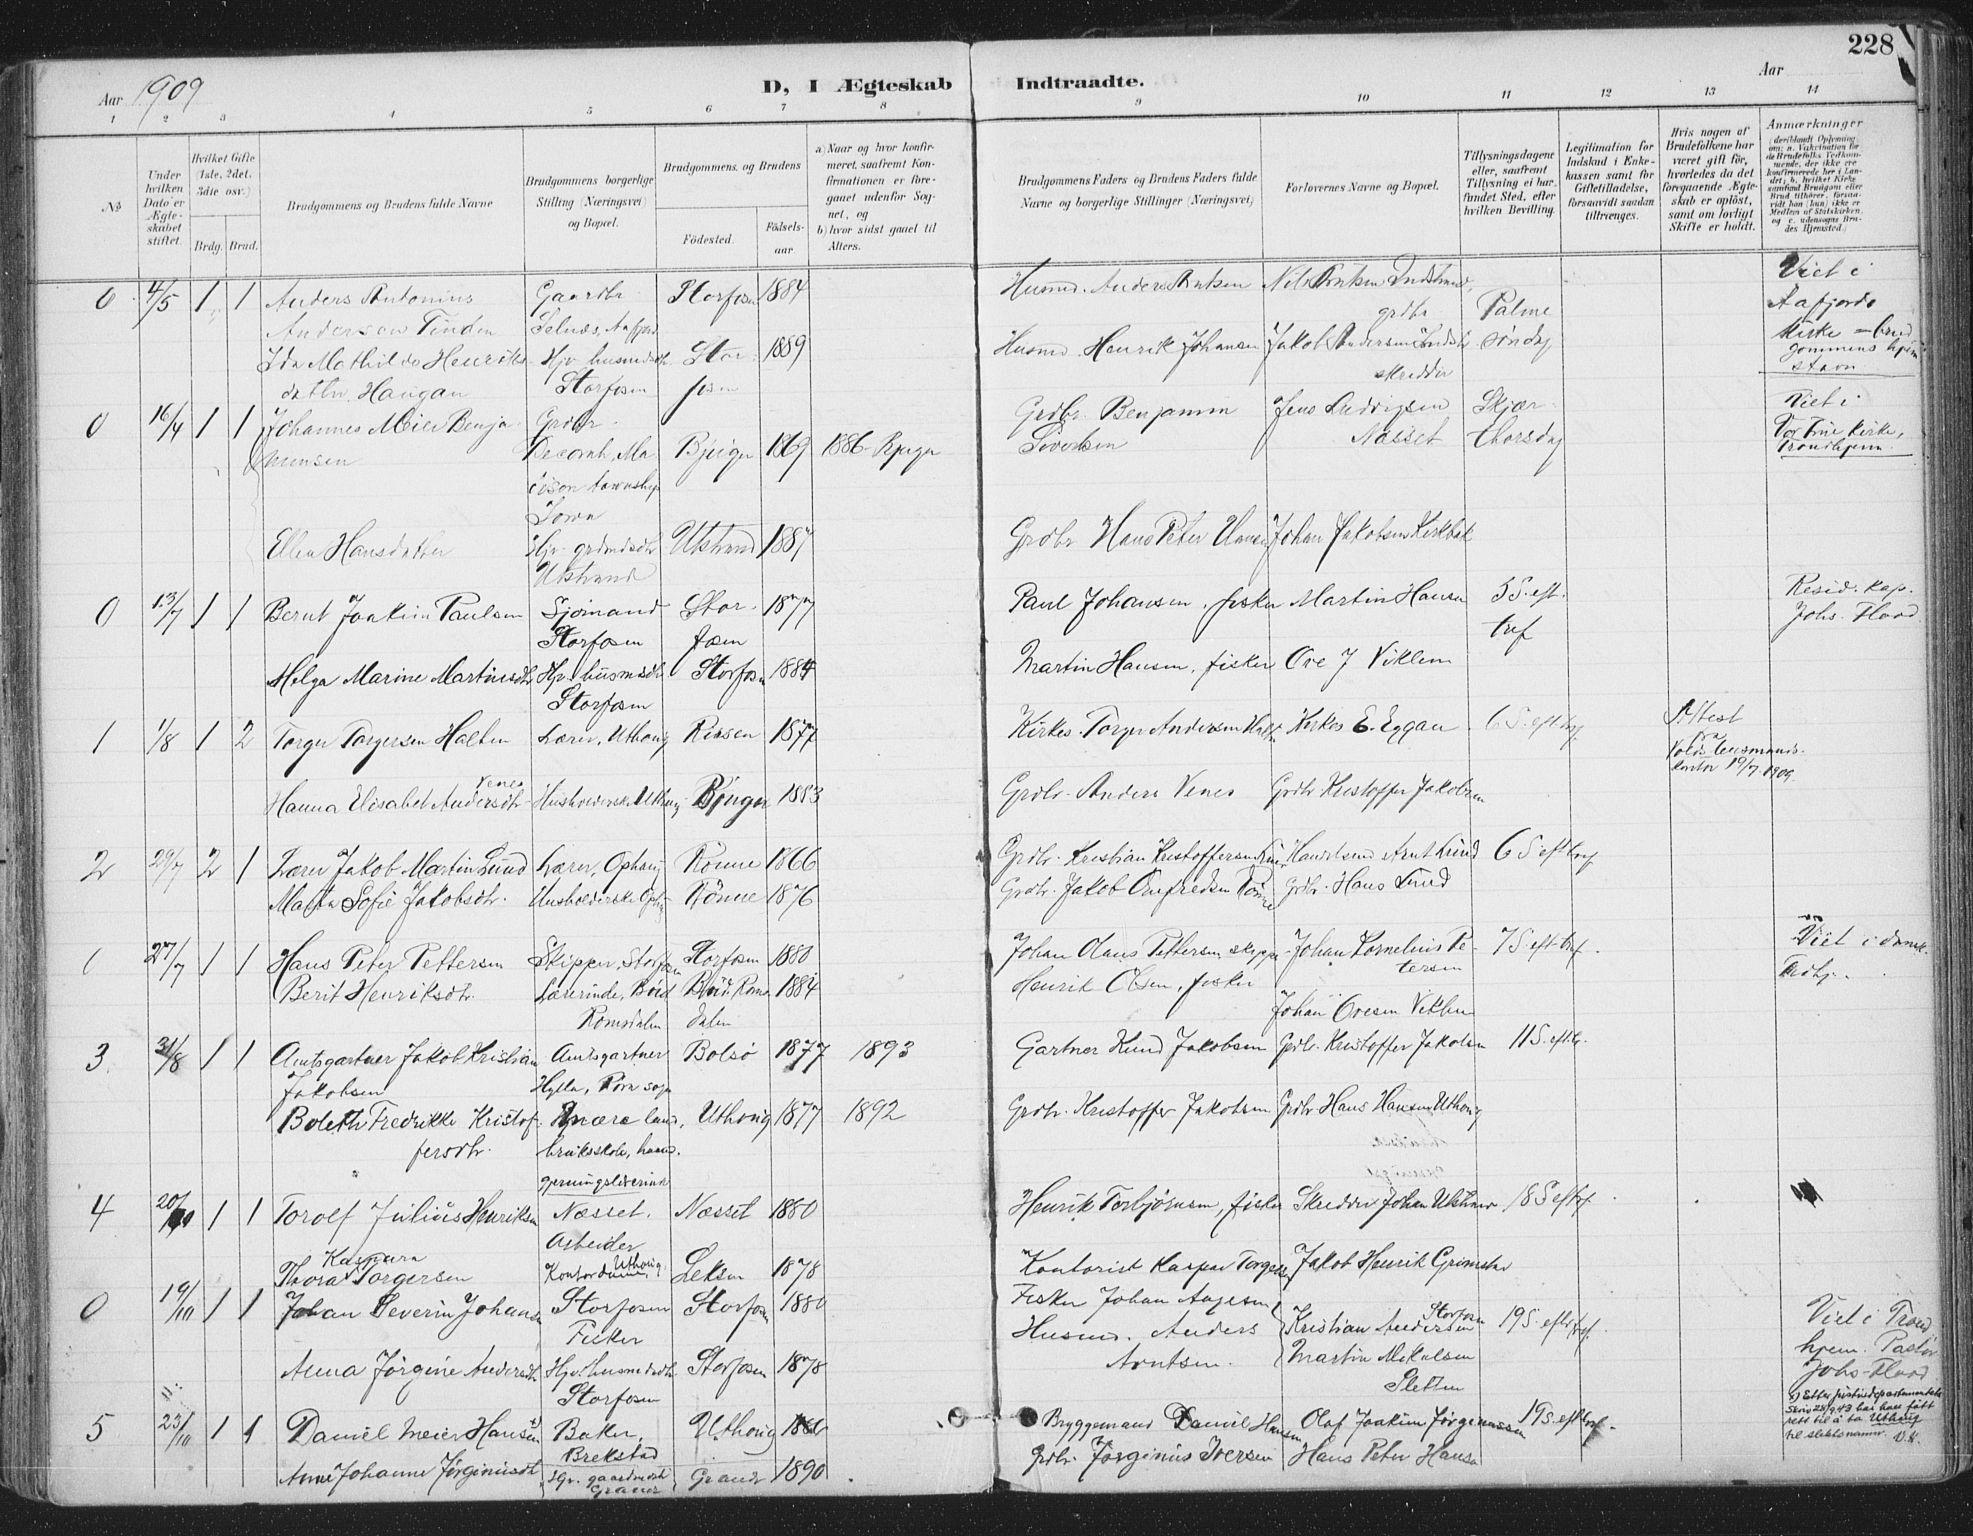 SAT, Ministerialprotokoller, klokkerbøker og fødselsregistre - Sør-Trøndelag, 659/L0743: Ministerialbok nr. 659A13, 1893-1910, s. 228